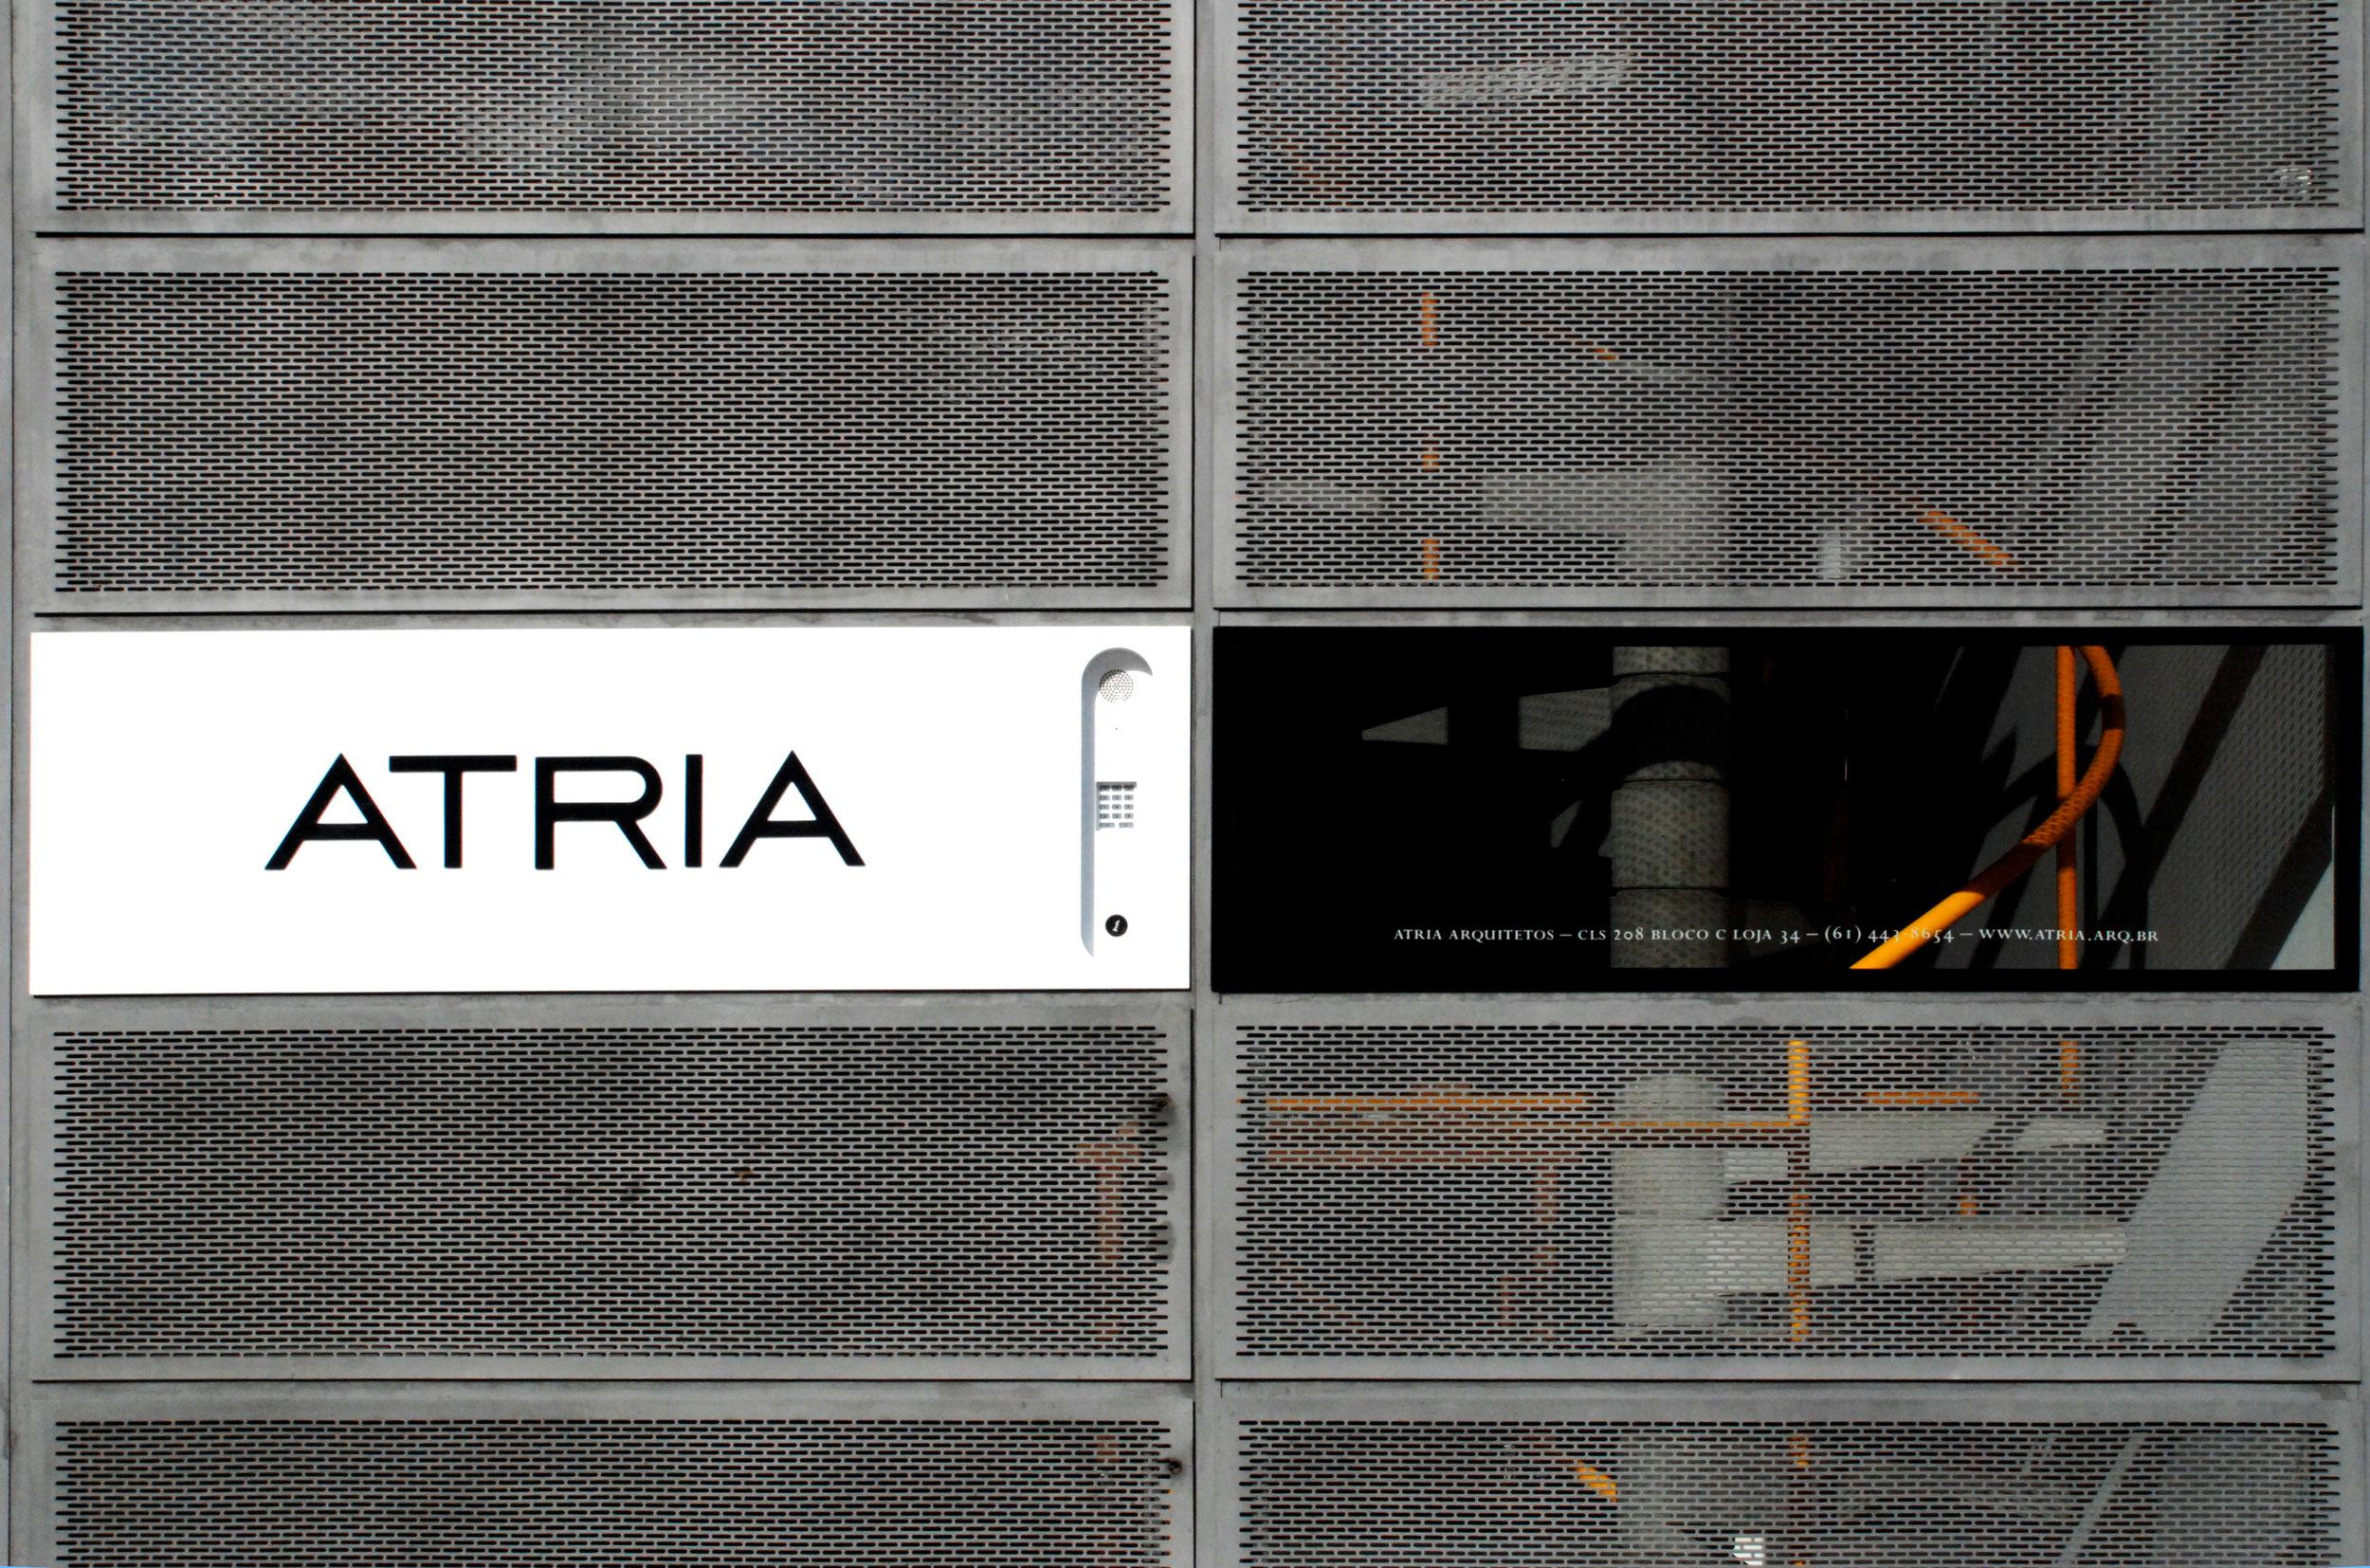 ATRIA 16.jpg